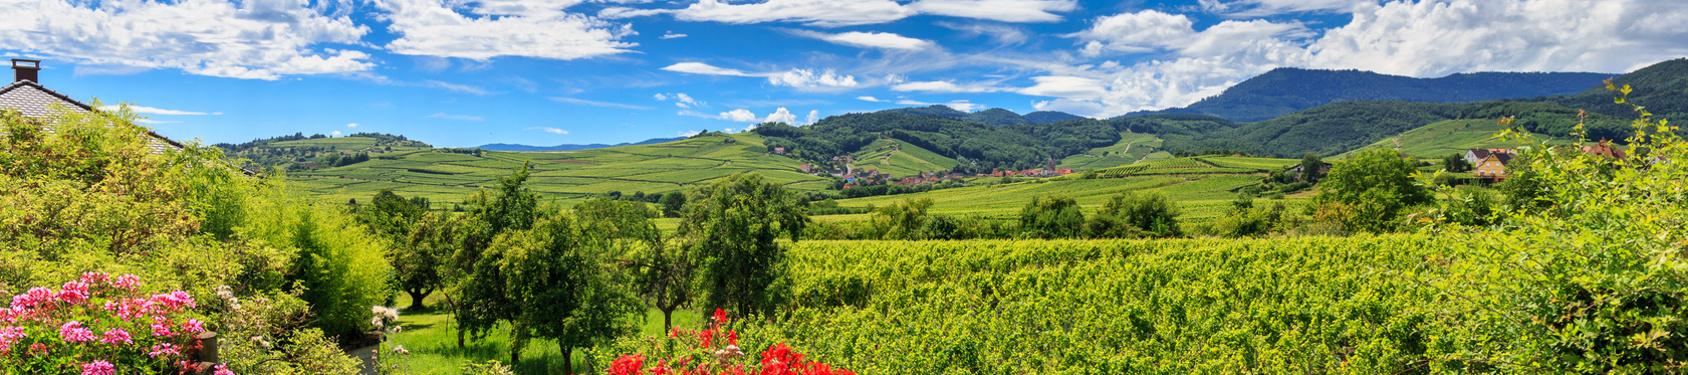 Bild von Elsass-Champagne-Ardennen-Lothringen